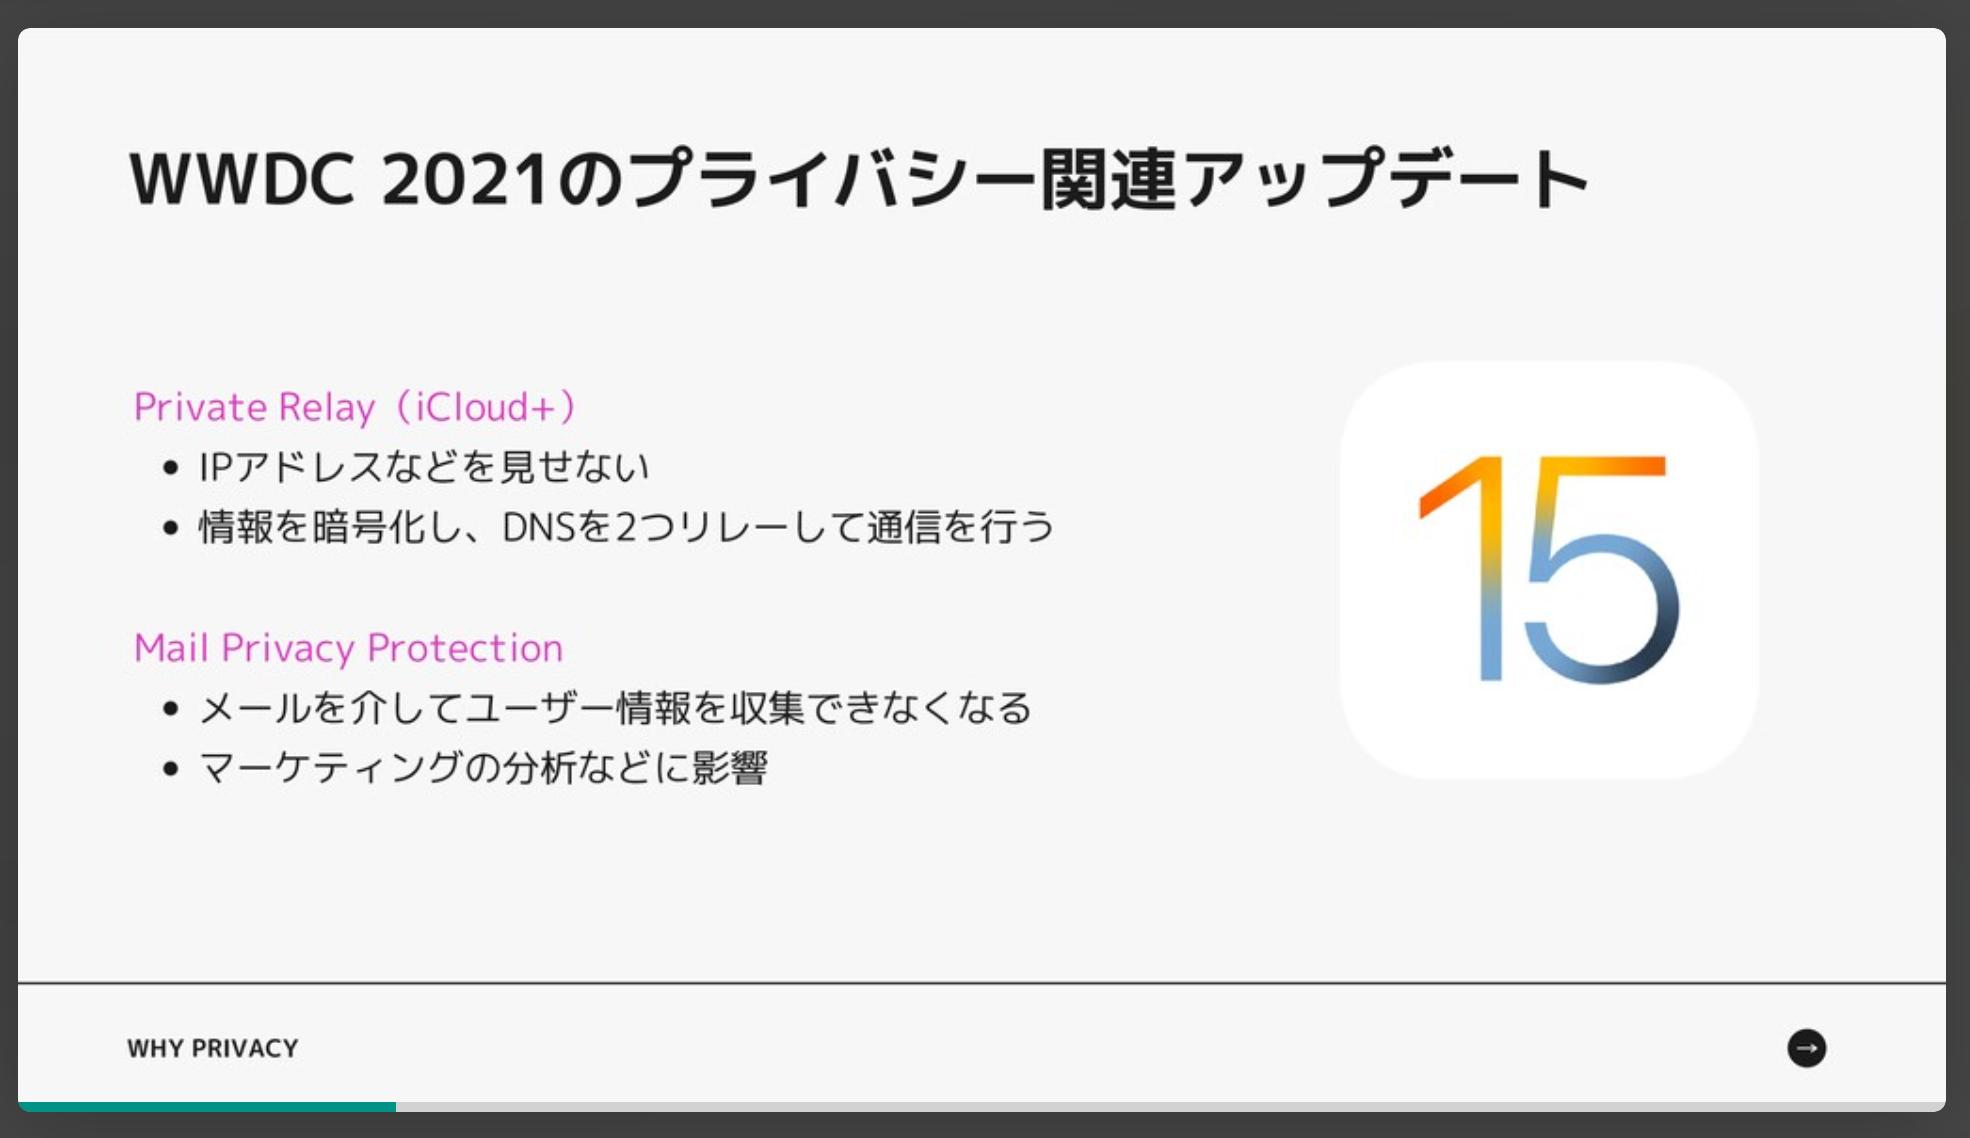 スクリーンショット 2021-09-18 18.33.54.png